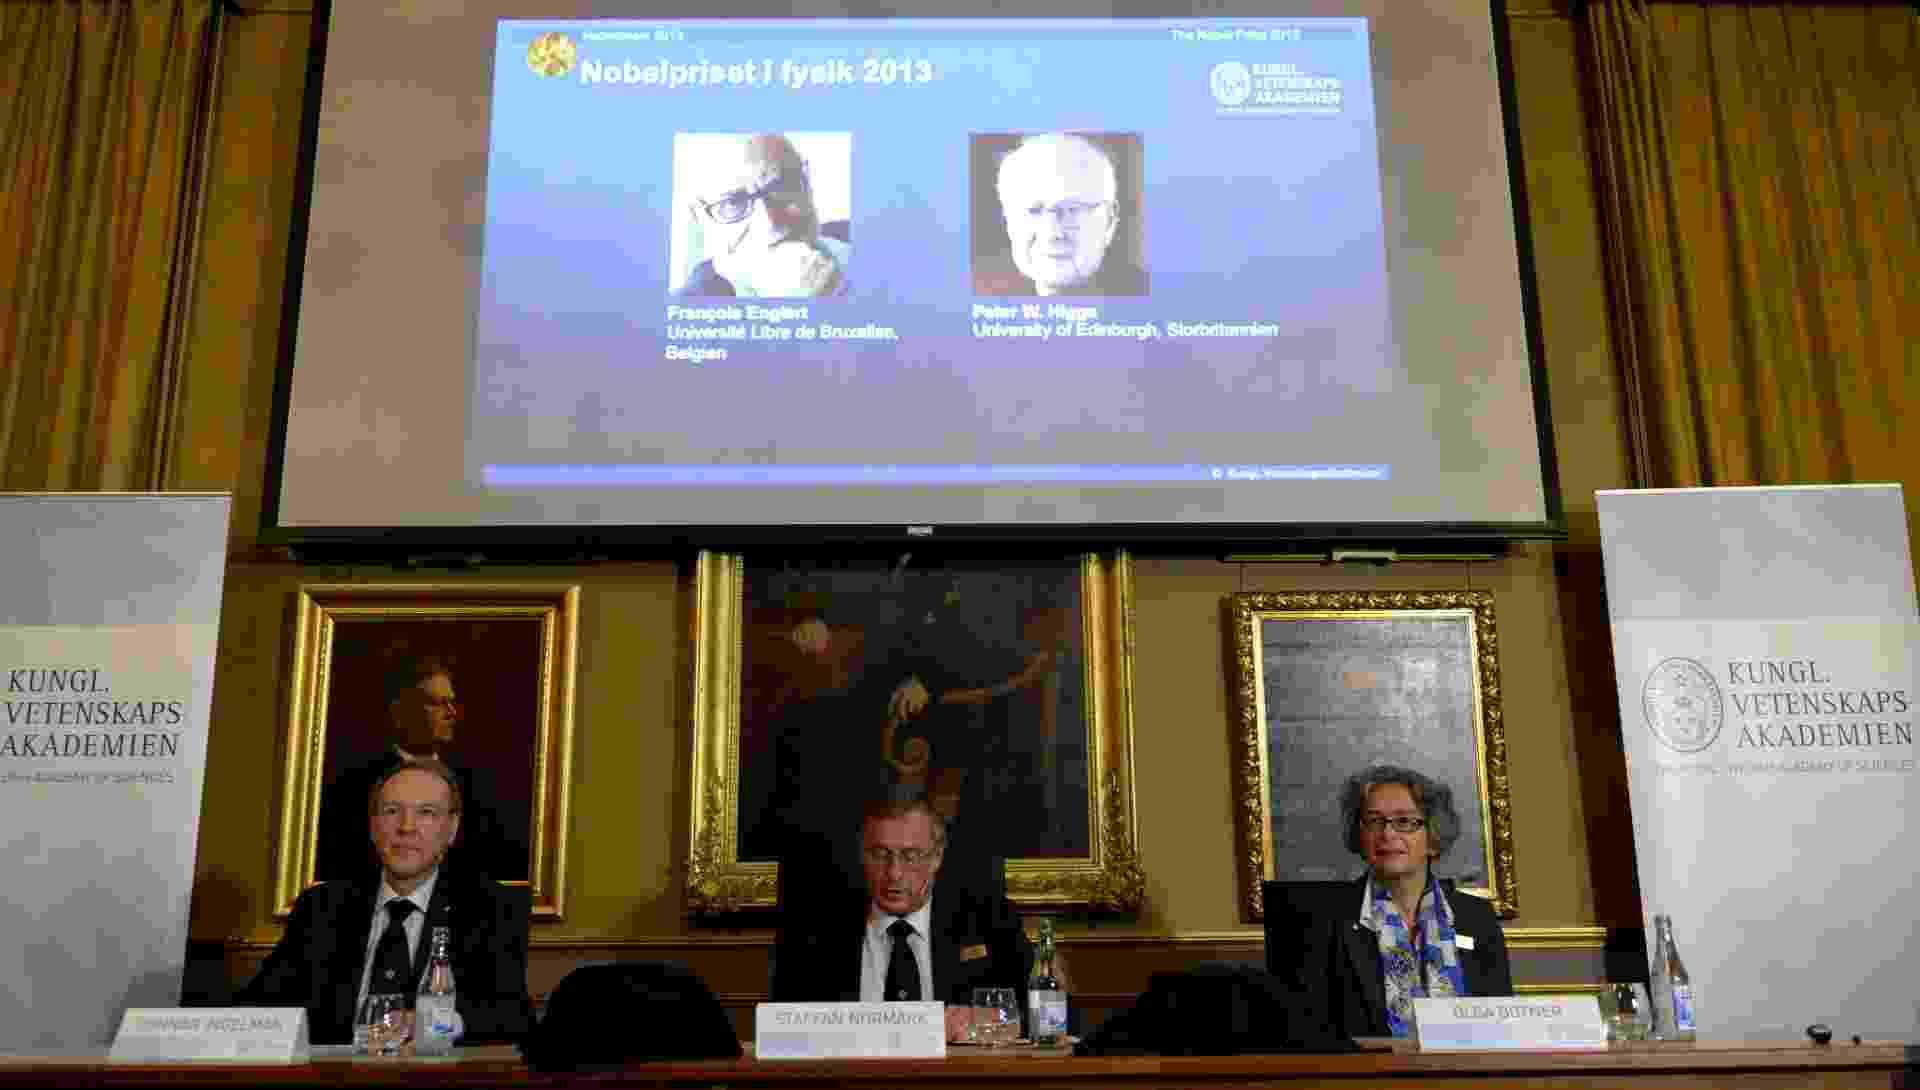 """8.out.2013 - Conferência de imprensa é realizada para anunciar os laureados de 2013 no Prêmio Nobel de Física, nesta terça-feira (8), na Real Academia Sueca de Ciências, em Estocolmo, na Suécia. O belga François Englert e o britânico Peter Higgs ganharam o Prêmio Nobel pela descoberta do bóson de Higgs, apelidada de """"partícula de Deus"""", que teria dado origem à massa de todas as partículas - Jonathan Nackstrand/AFP"""